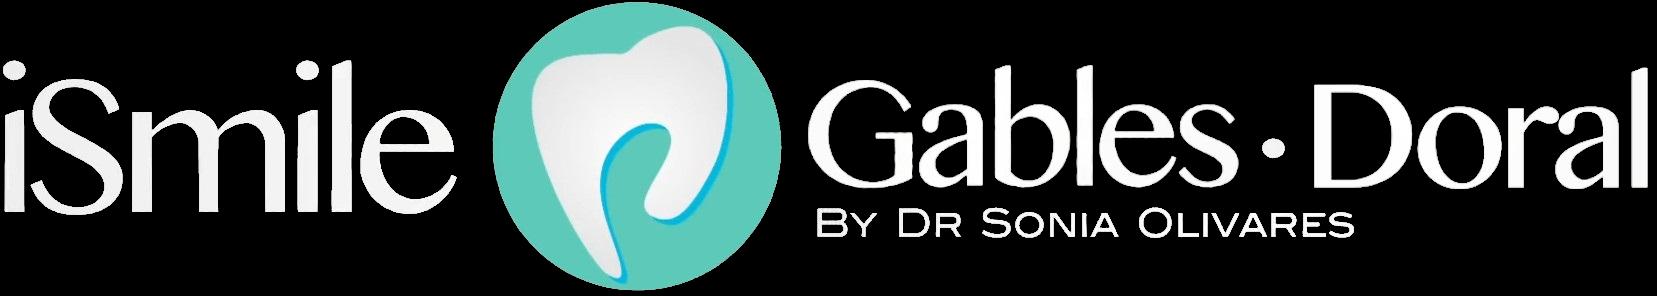 iSmile Gables by Dr. Sonia Olivares Logo